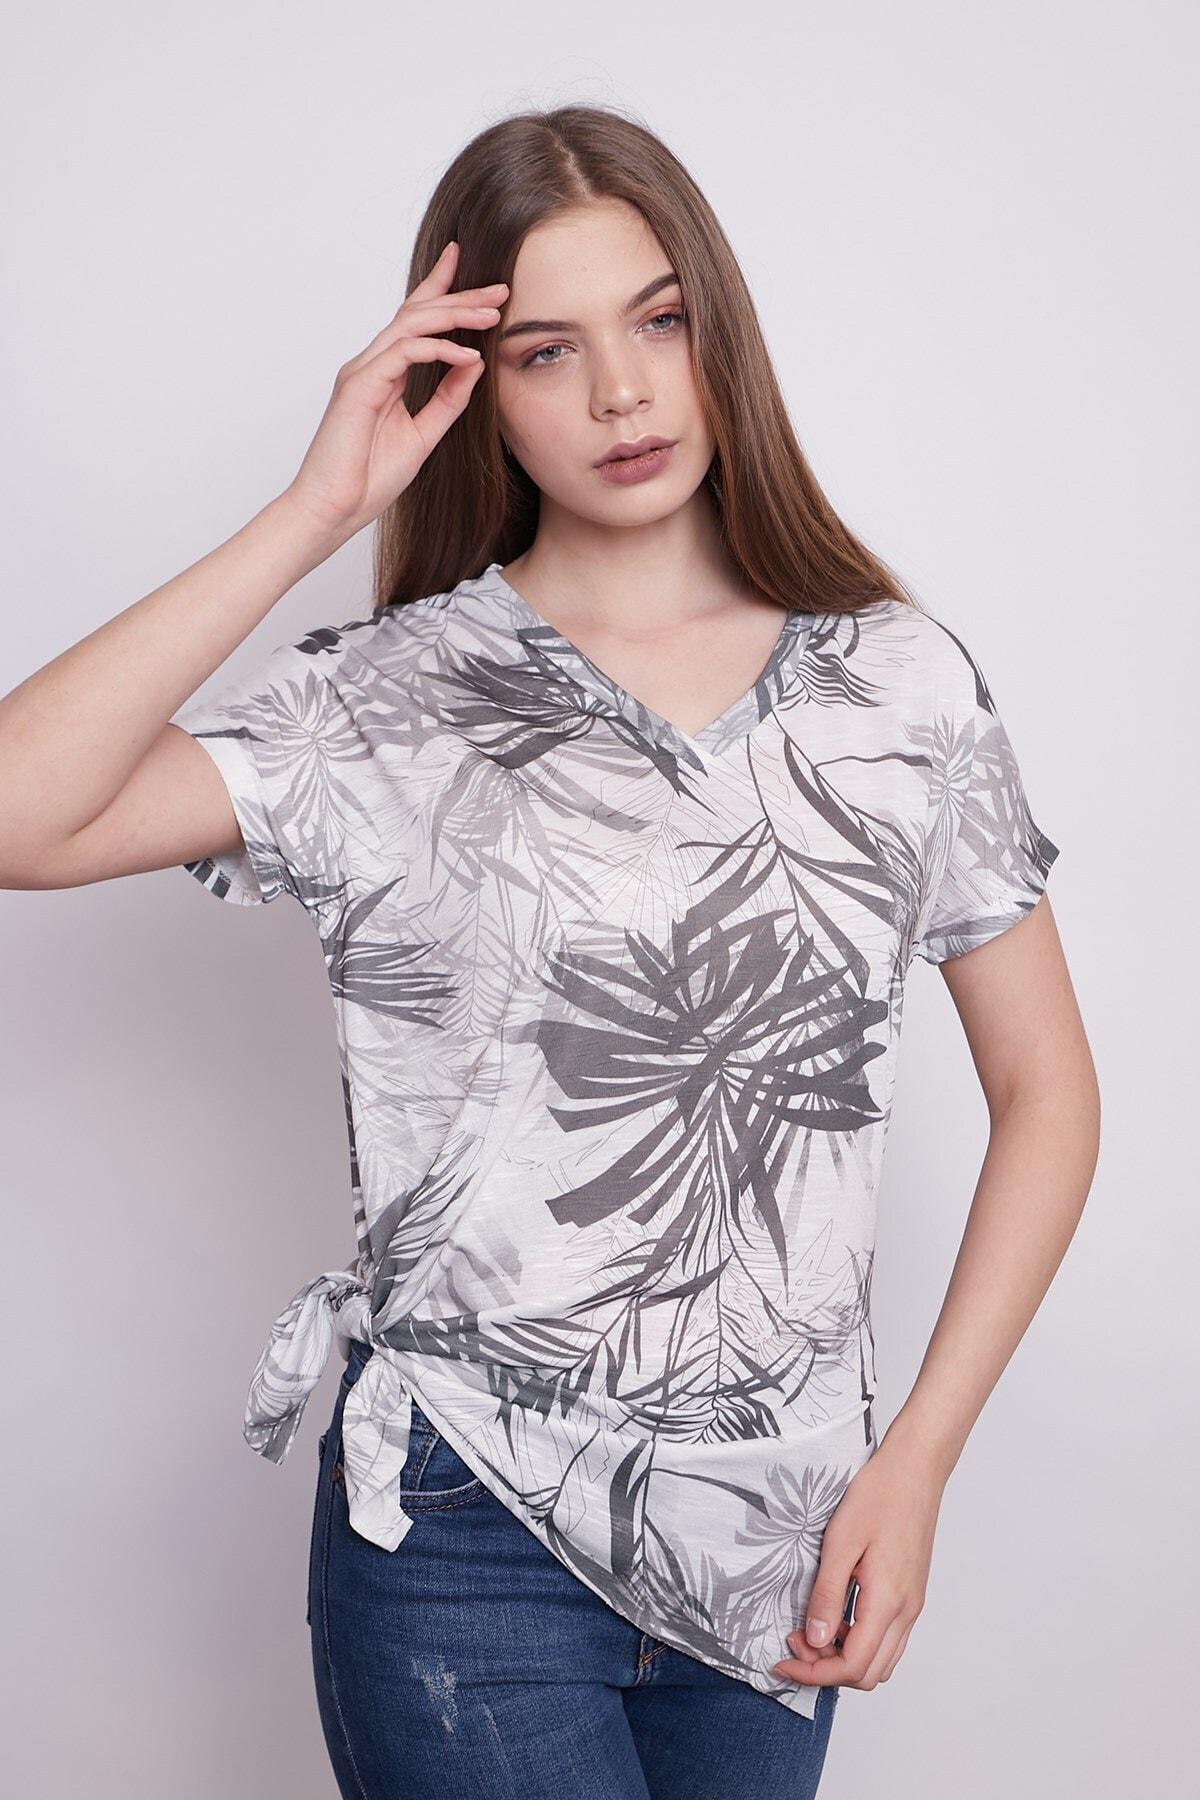 Jument Kadın Desenli V Yaka Düşük Omuzlu Yanları Yırtmaçlı Rahat Kesim Tshirt-palmiye Desen 2